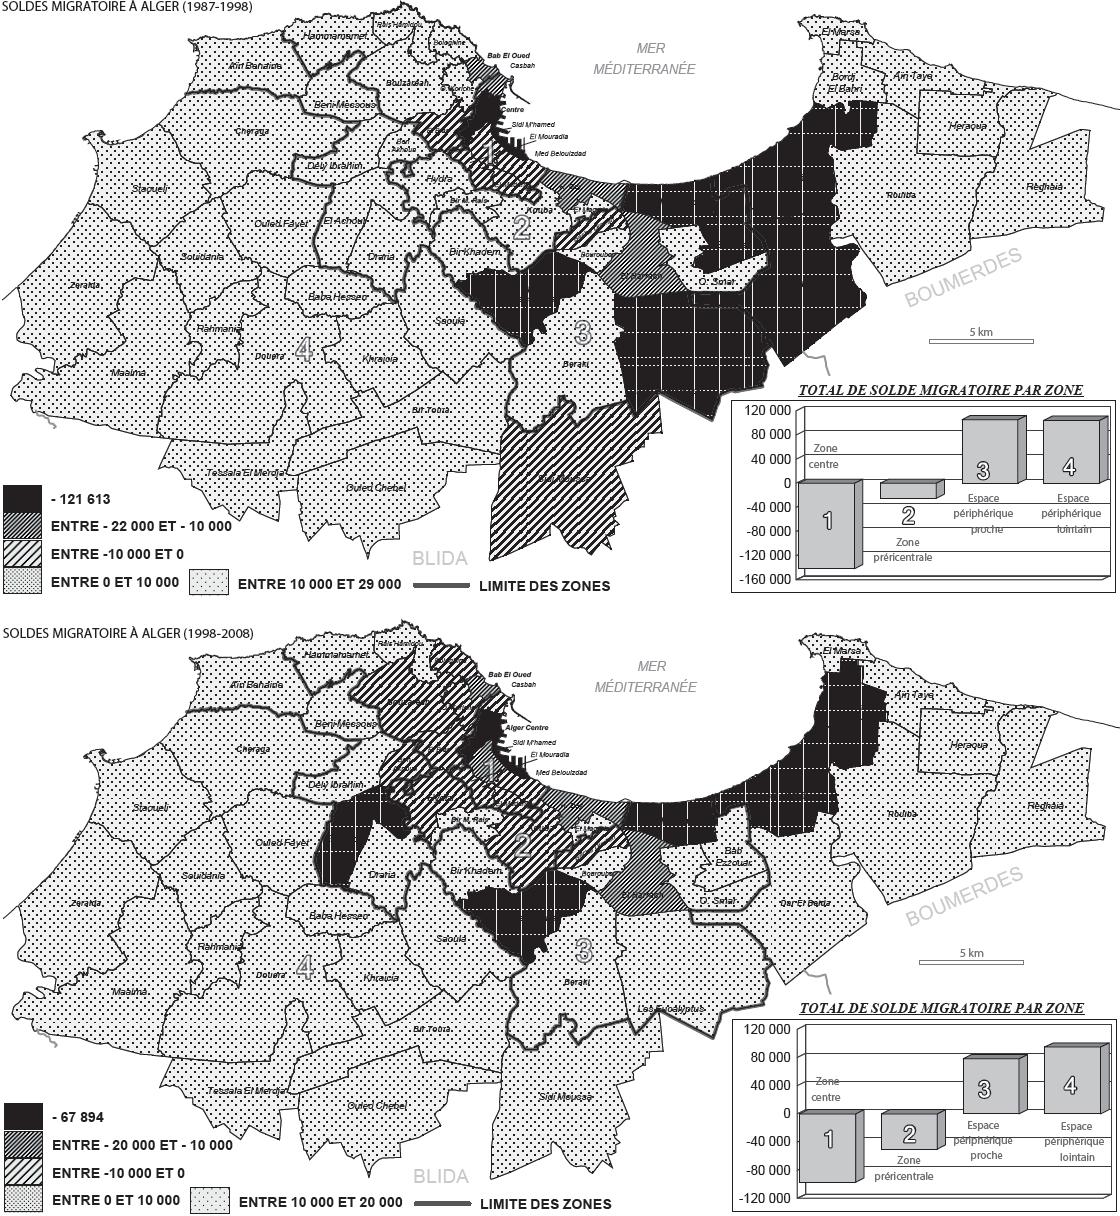 Carte De Lvolution Du Solde Migratoire Entre 1987 Et 2008